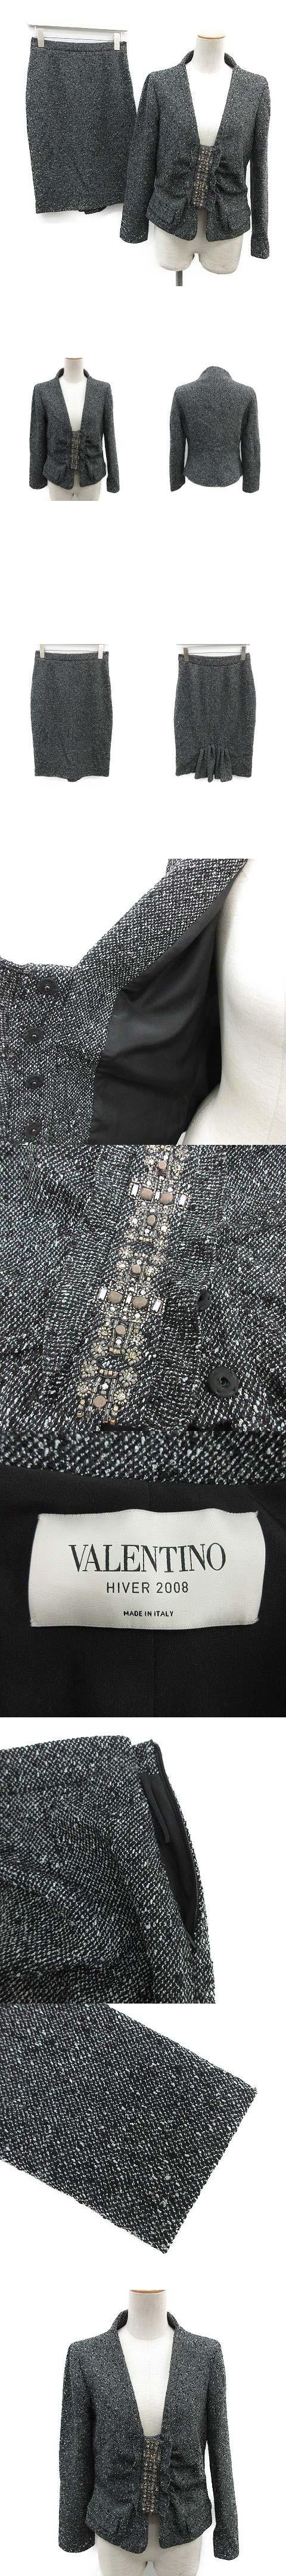 セットアップ 上下 スカートスーツ ジャケット スカート 総柄 6 8 黒 白 /OG6